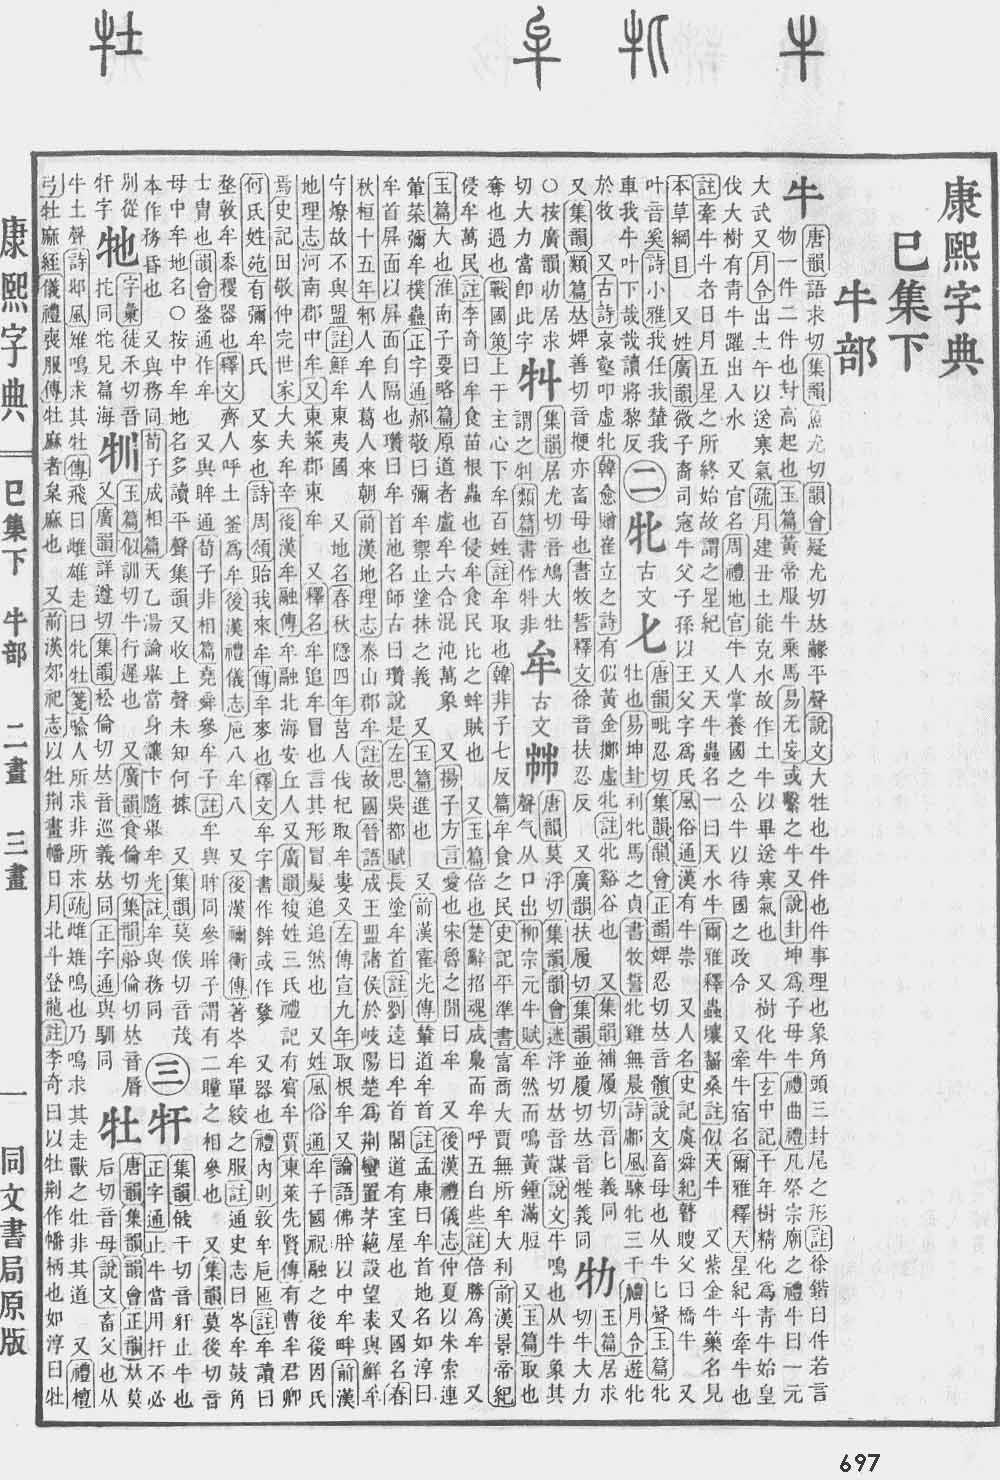 《康熙字典》第697页